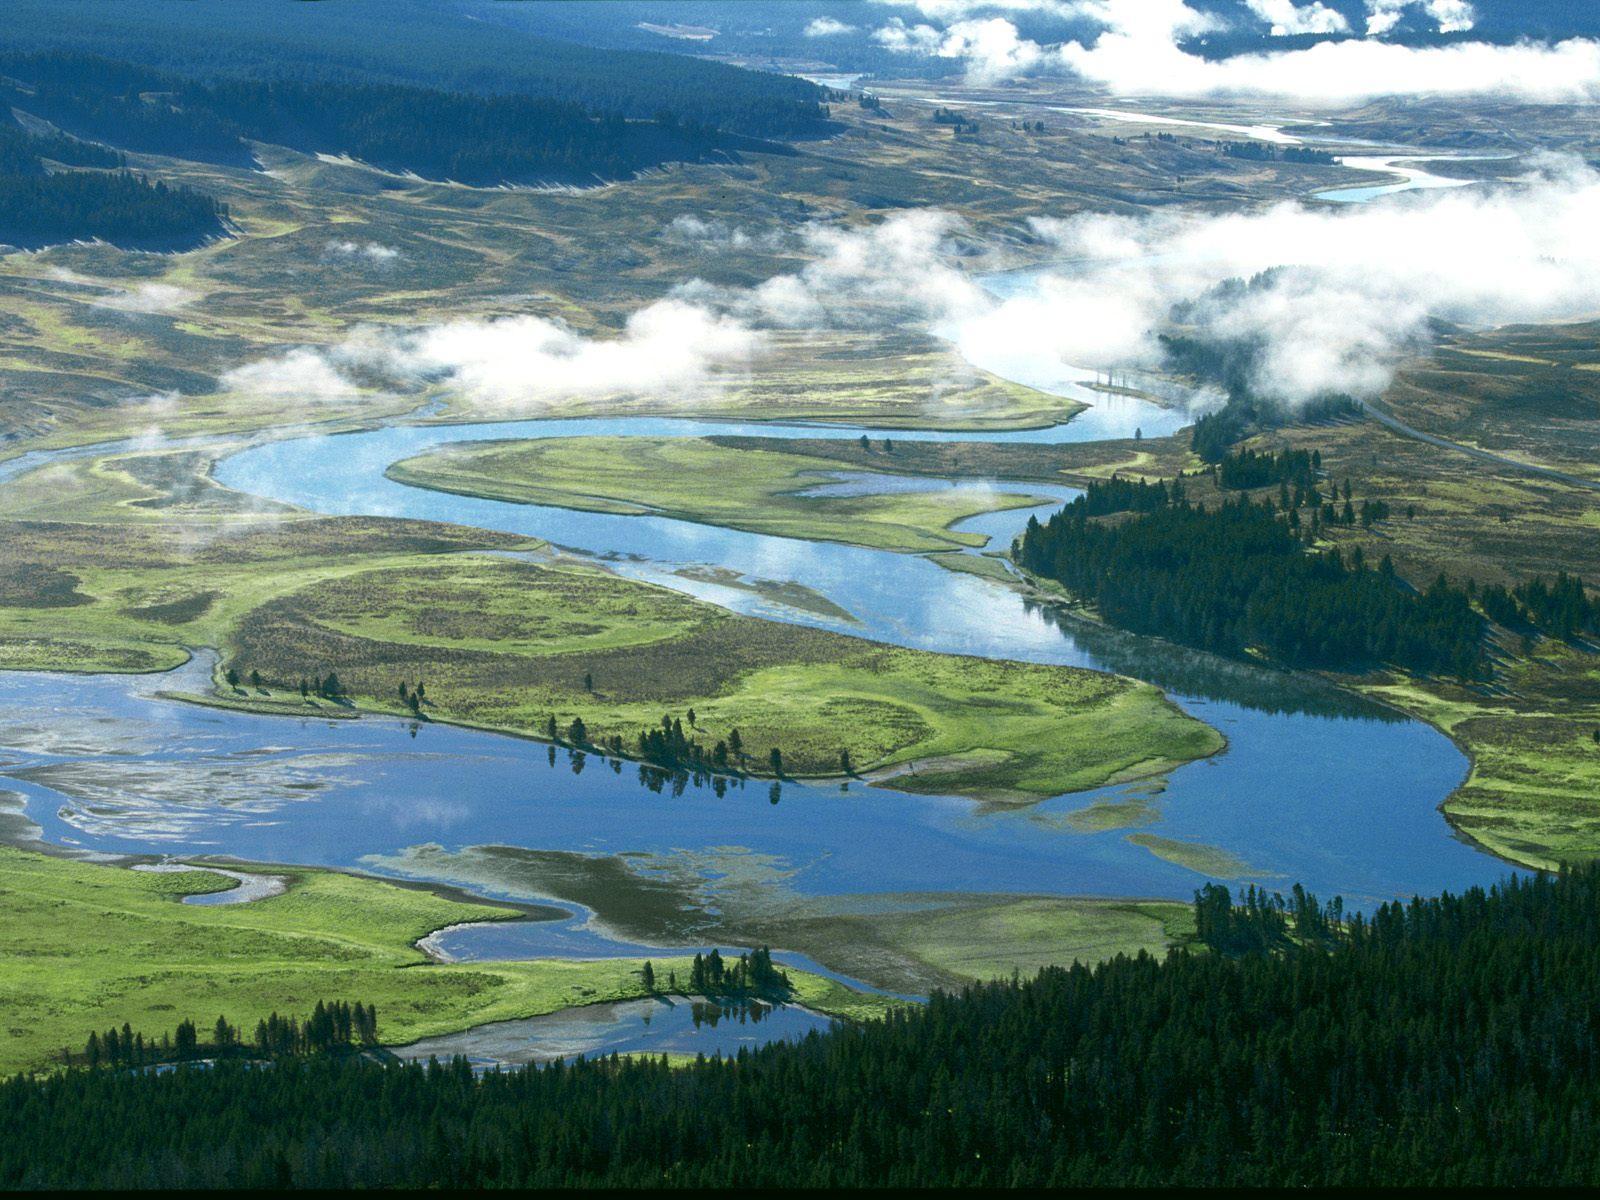 картинки озера и реки